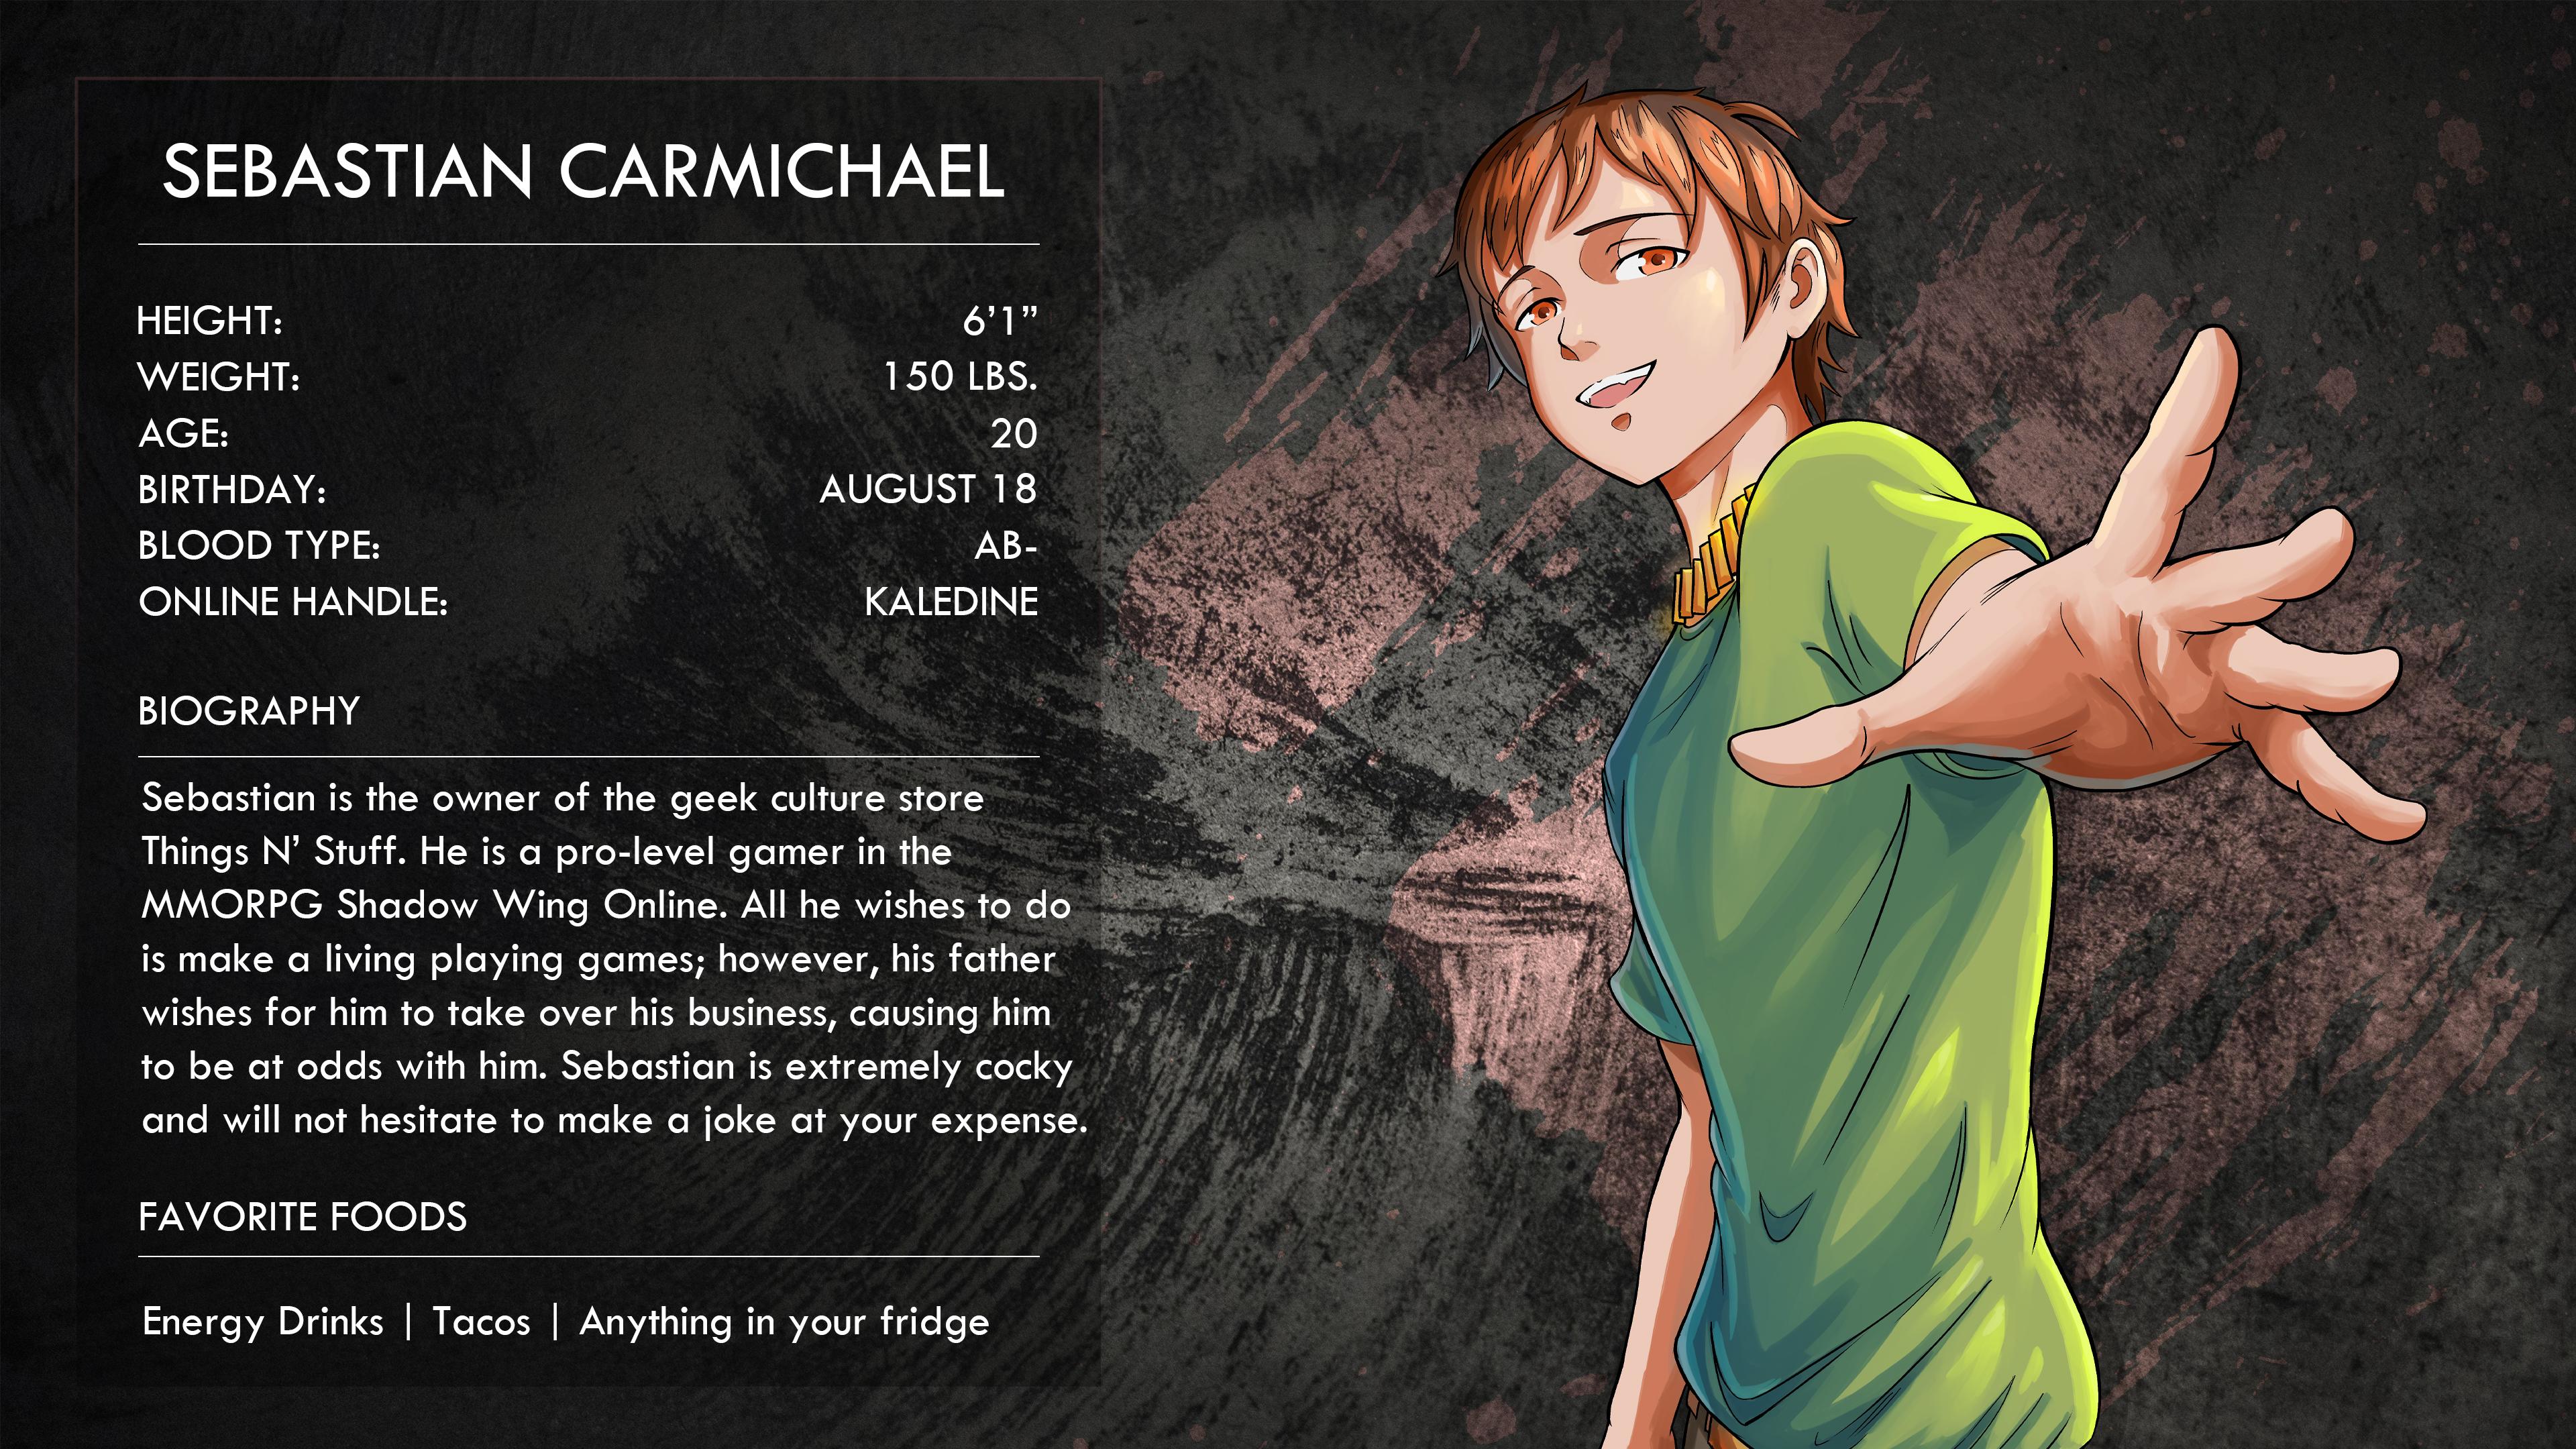 Sebastian Carmichael